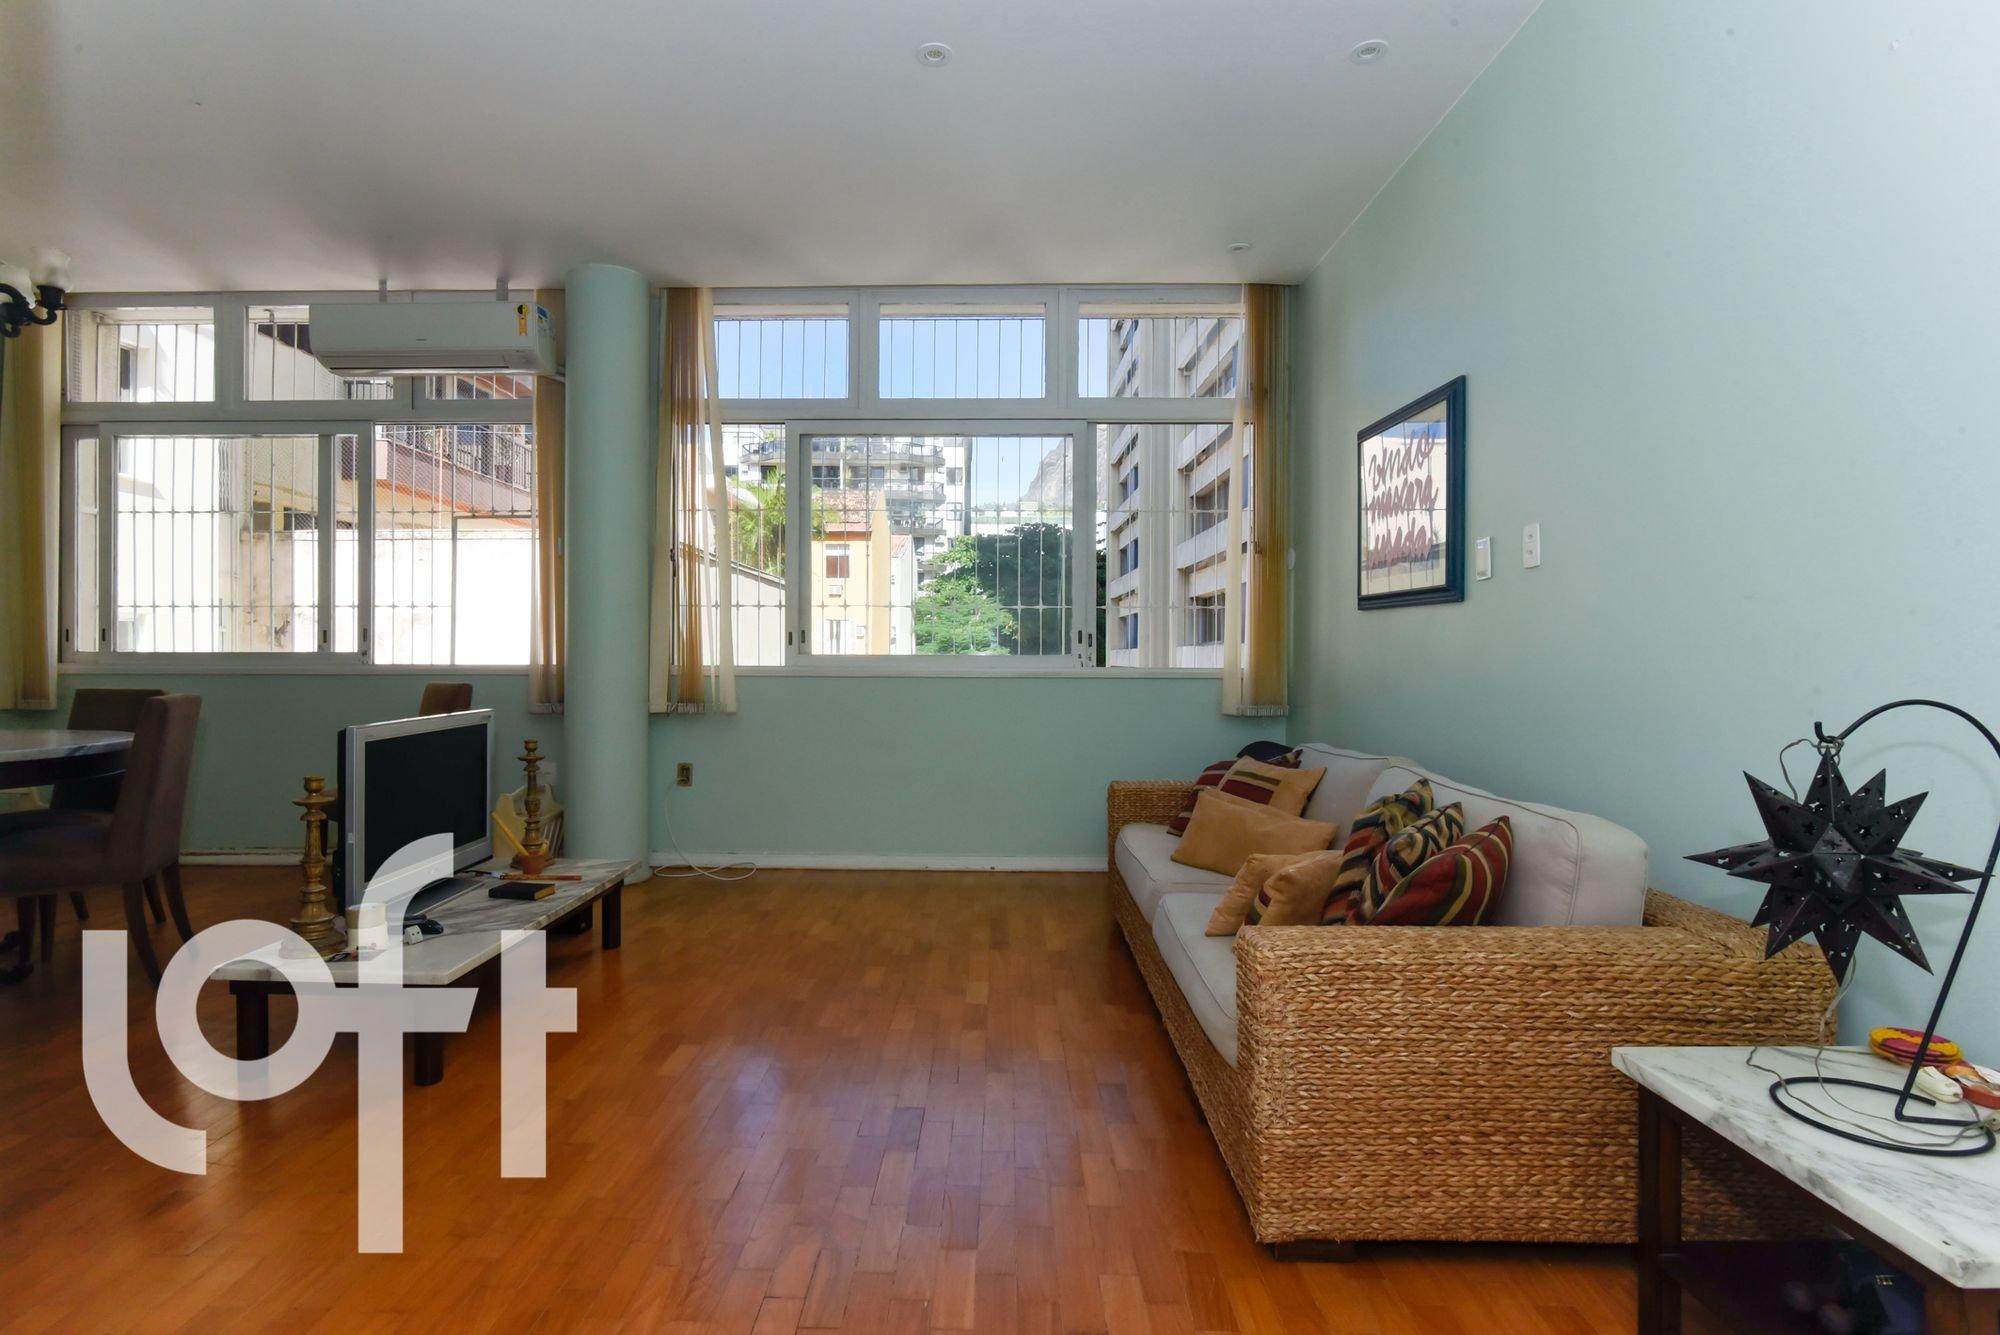 Foto de Sala com vaso de planta, sofá, televisão, banco, cadeira